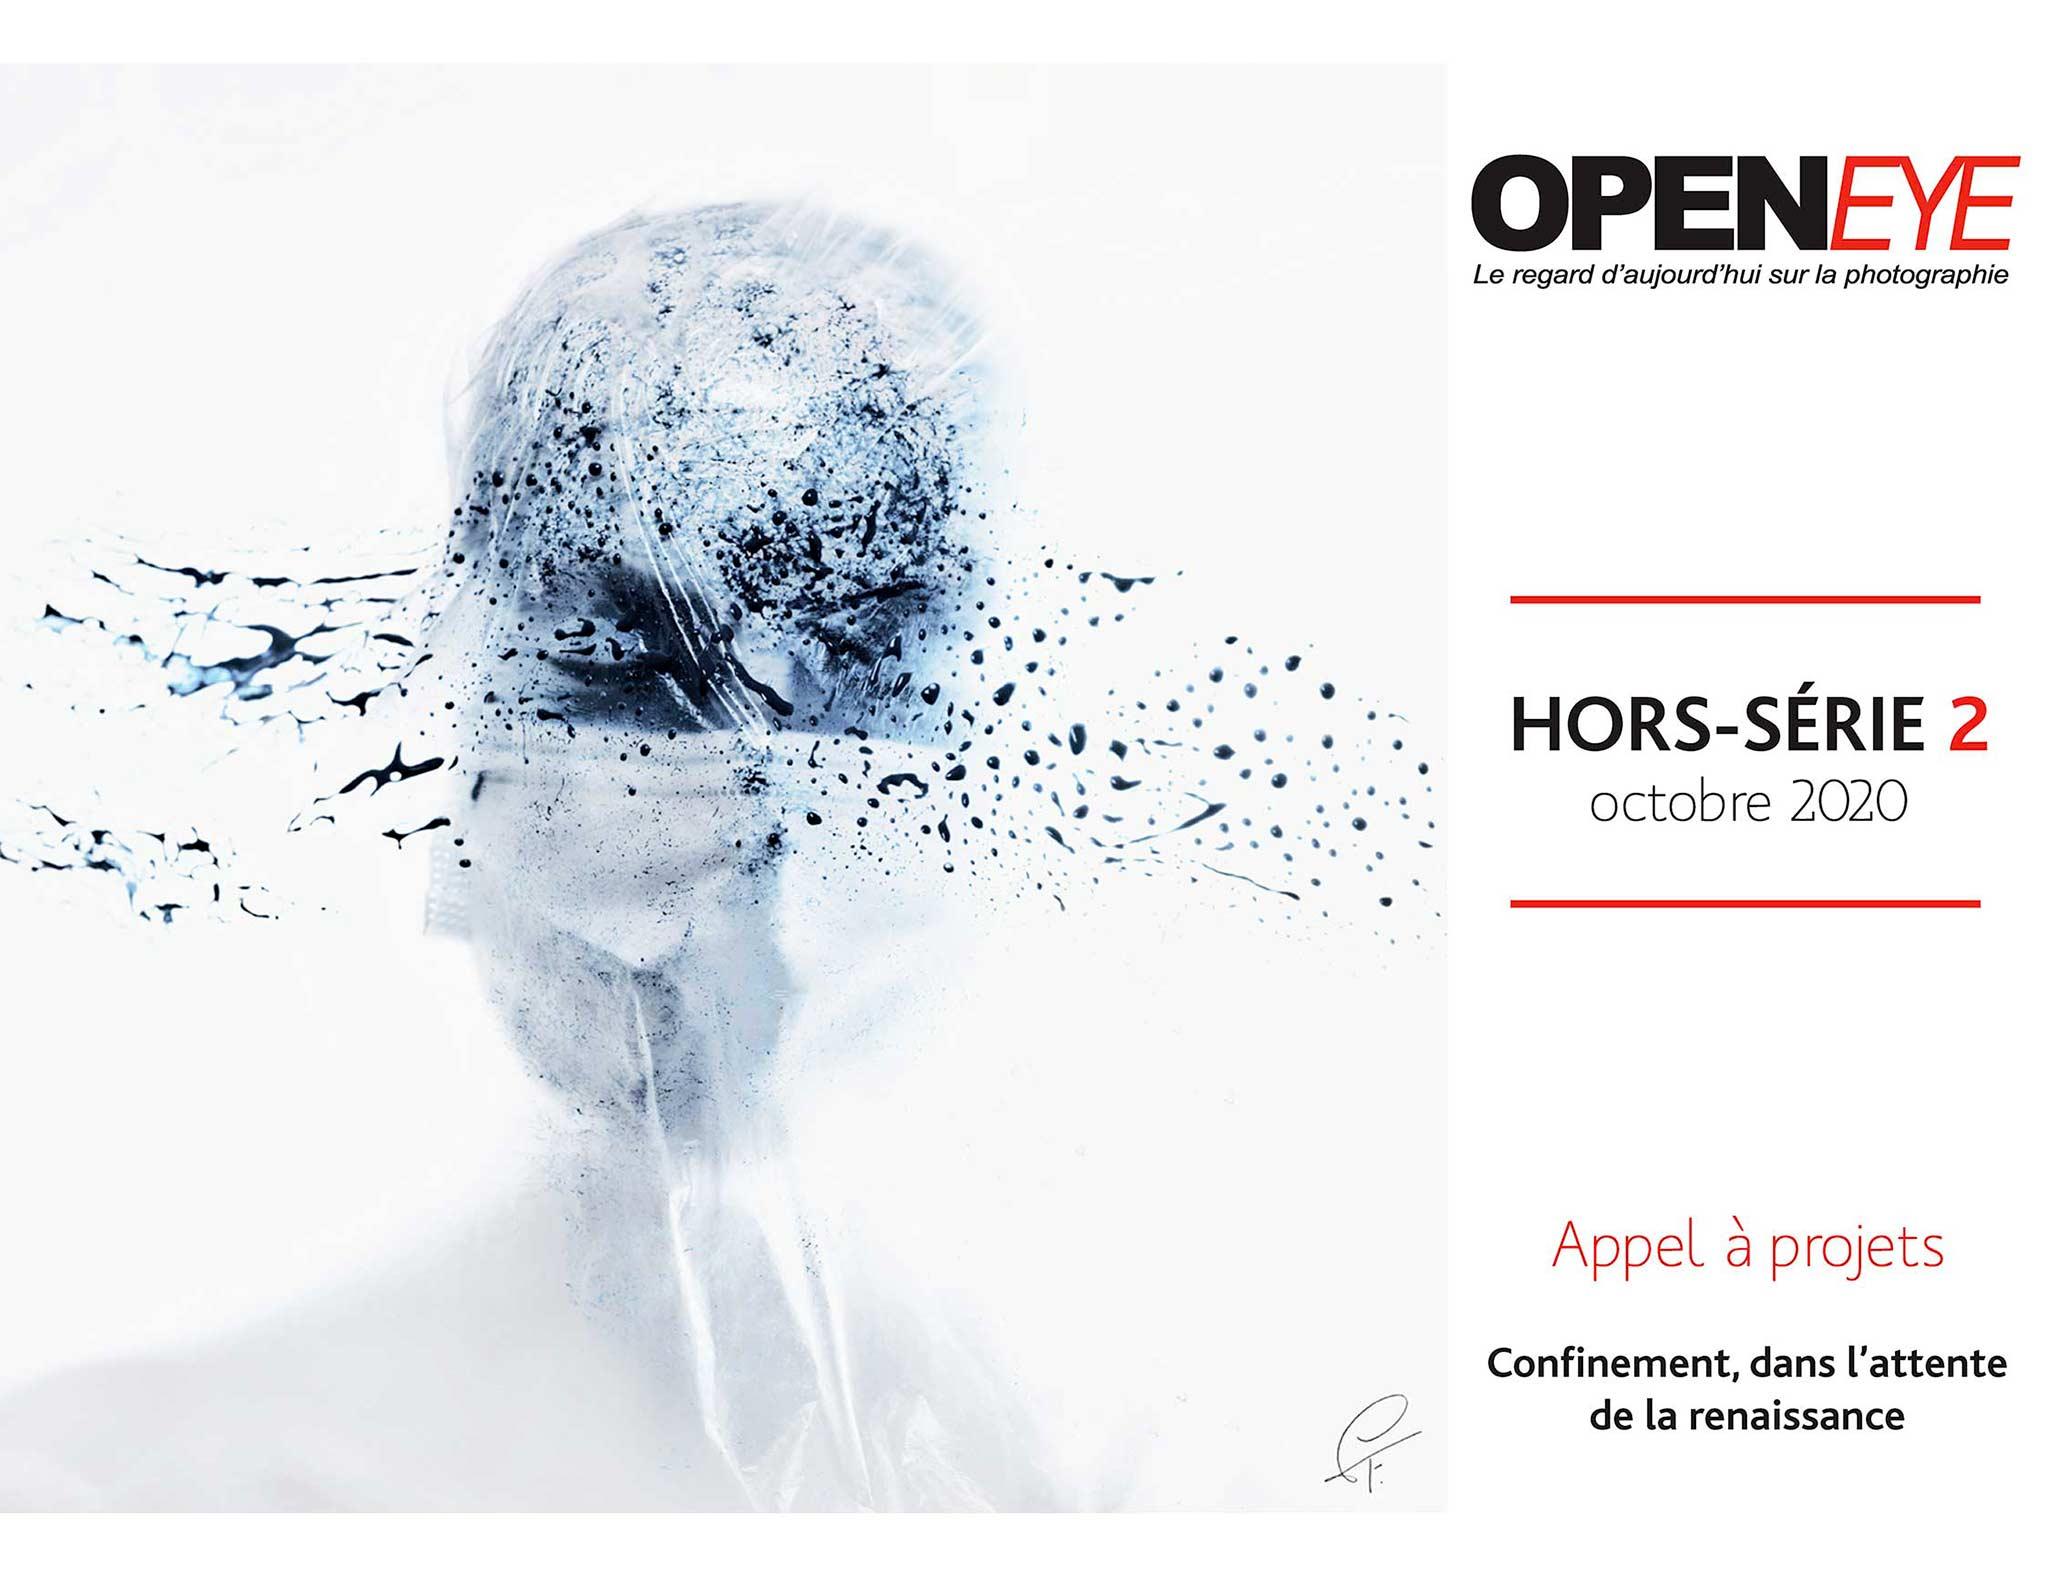 Magazine-Hors-Serie02 - openeye magazine - octobre - appel à projet - confinement - série - la chose confinée